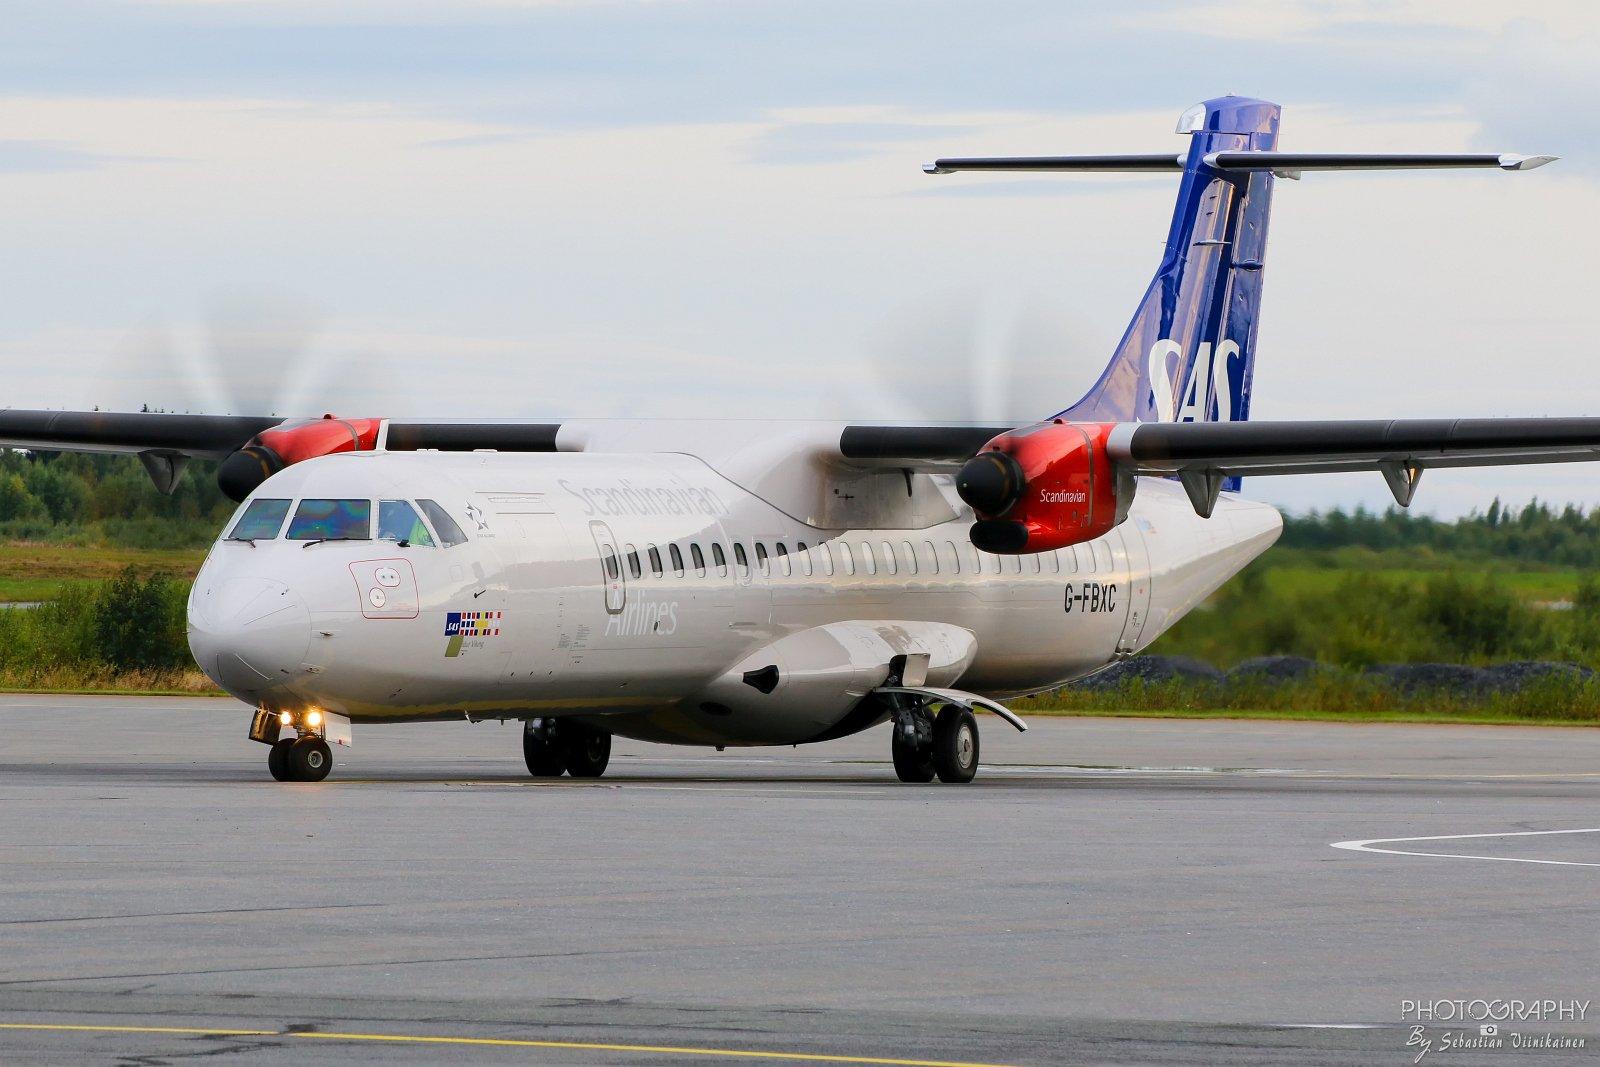 Sassin vuoroa hoiti G-FBXC ATR 72-600